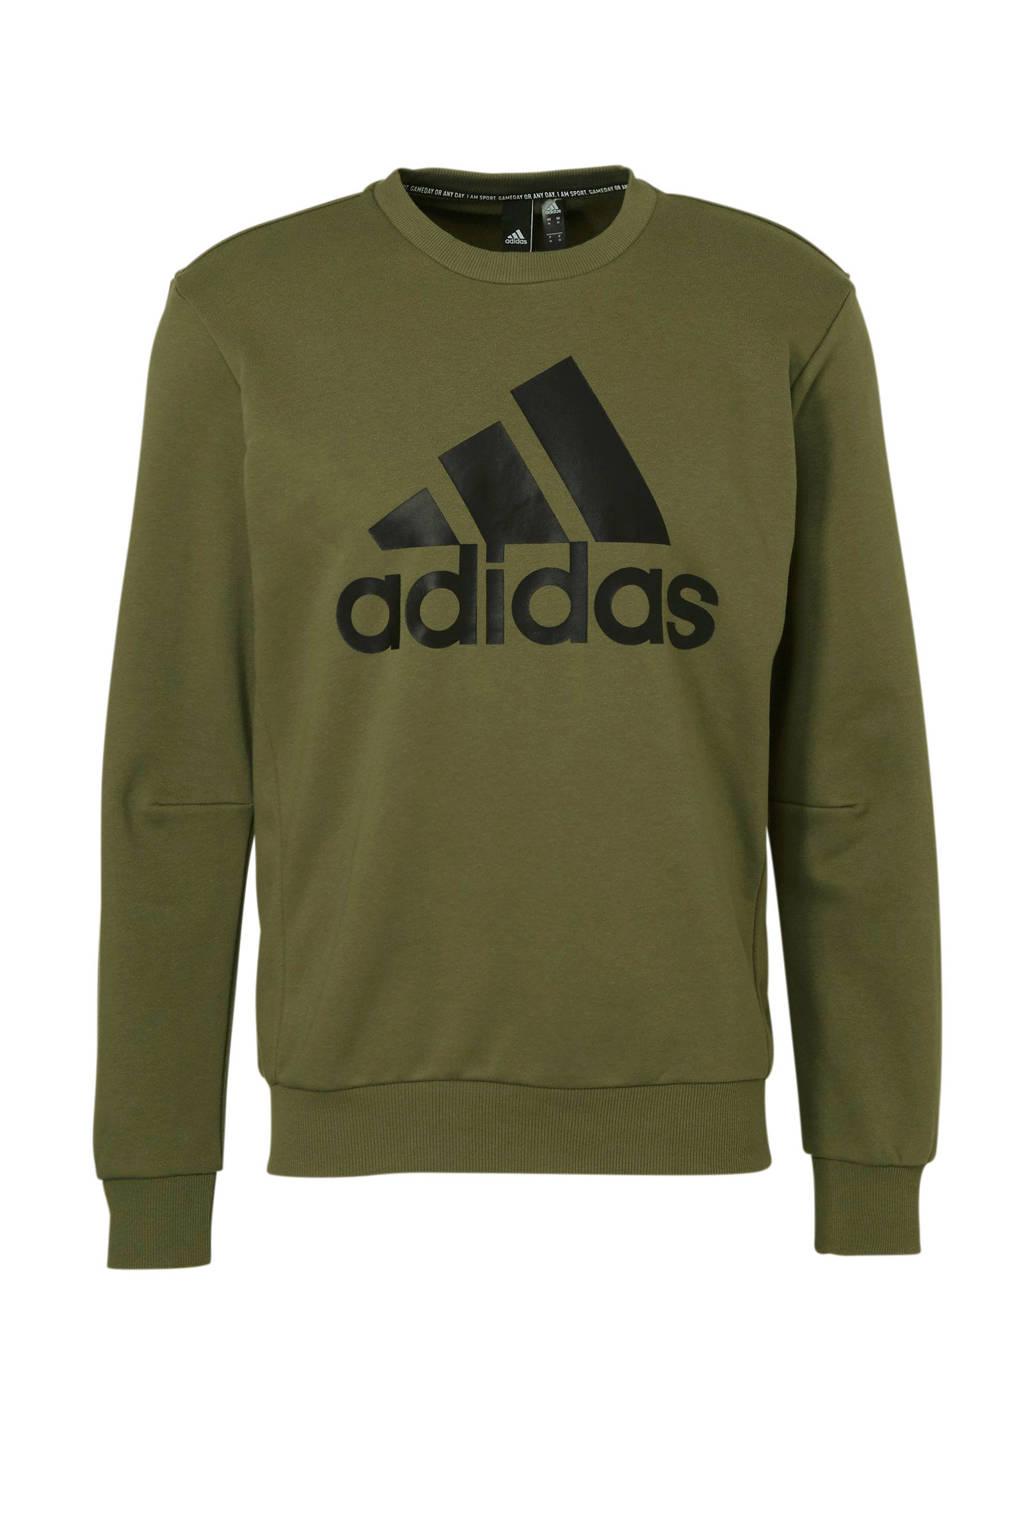 adidas performance   sportsweater met printopdruk groen, Groen